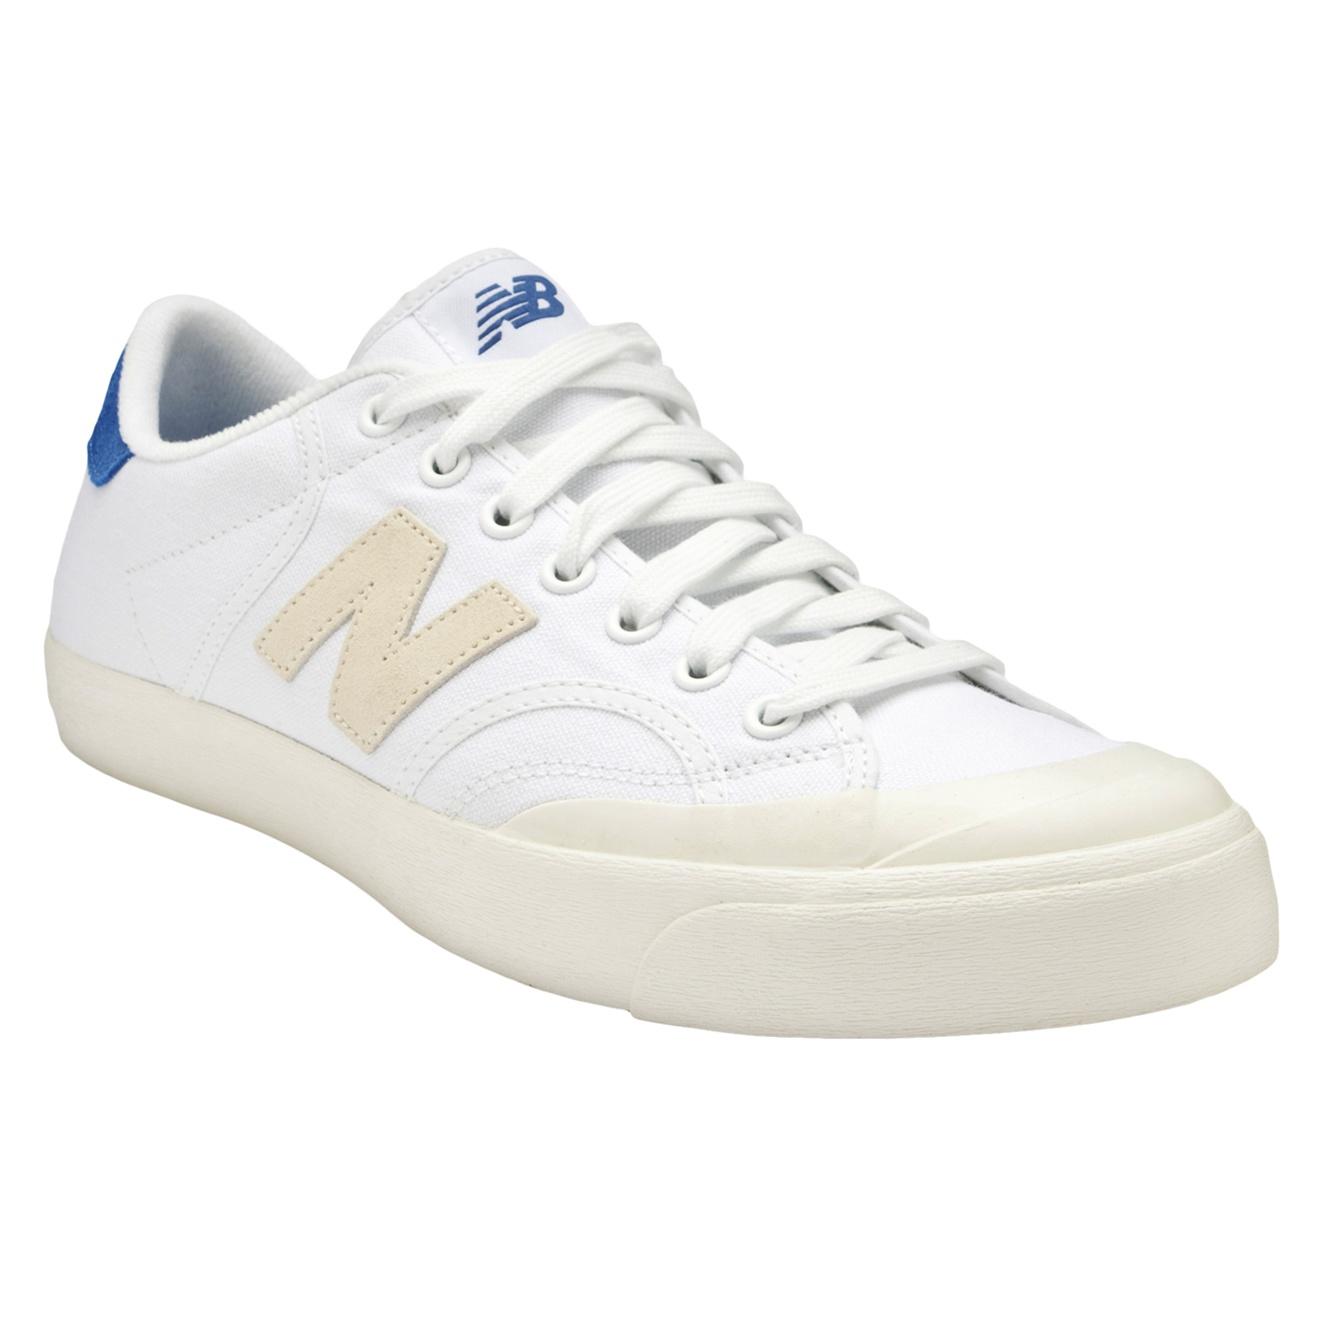 Nouvel Équilibre 840 Suède / Maille Bas-tops Et Chaussures De Sport ncYL2M3nP0